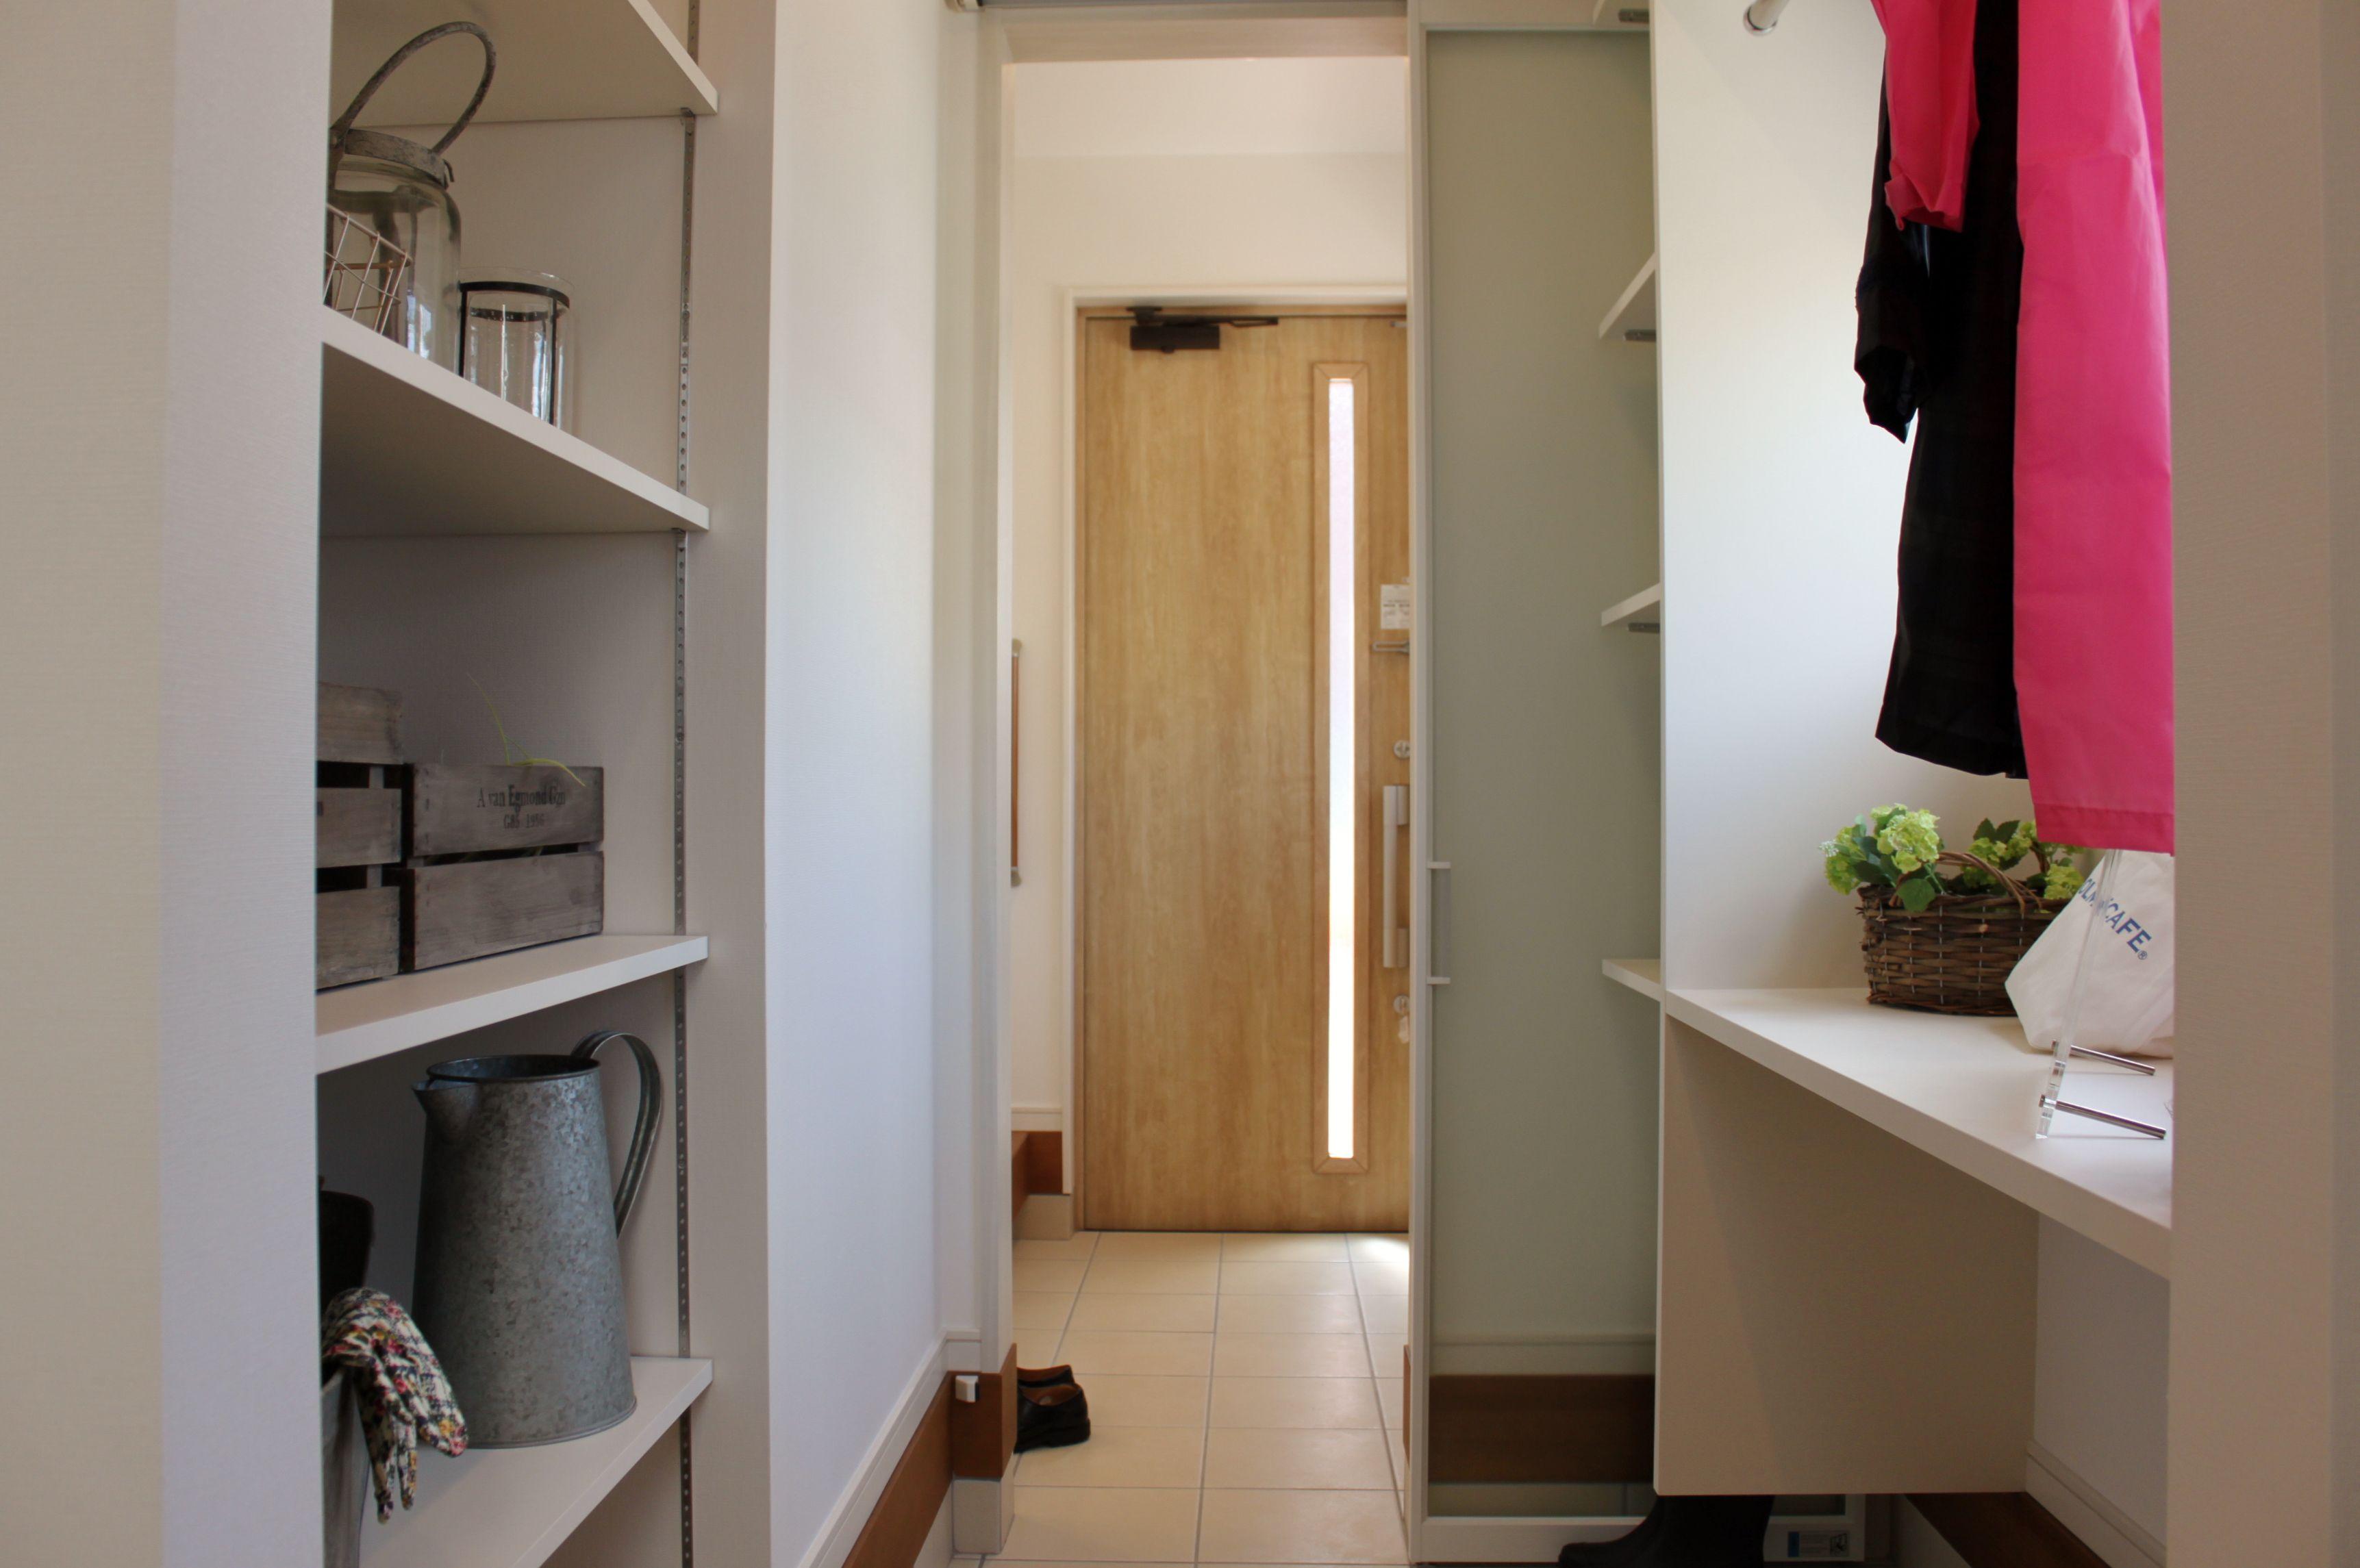 玄関から続くクロークは、ベビーカーやアウトドア用品もしっかり片付き、外で使ったものもそのまま置けるゆとりのスペースです。